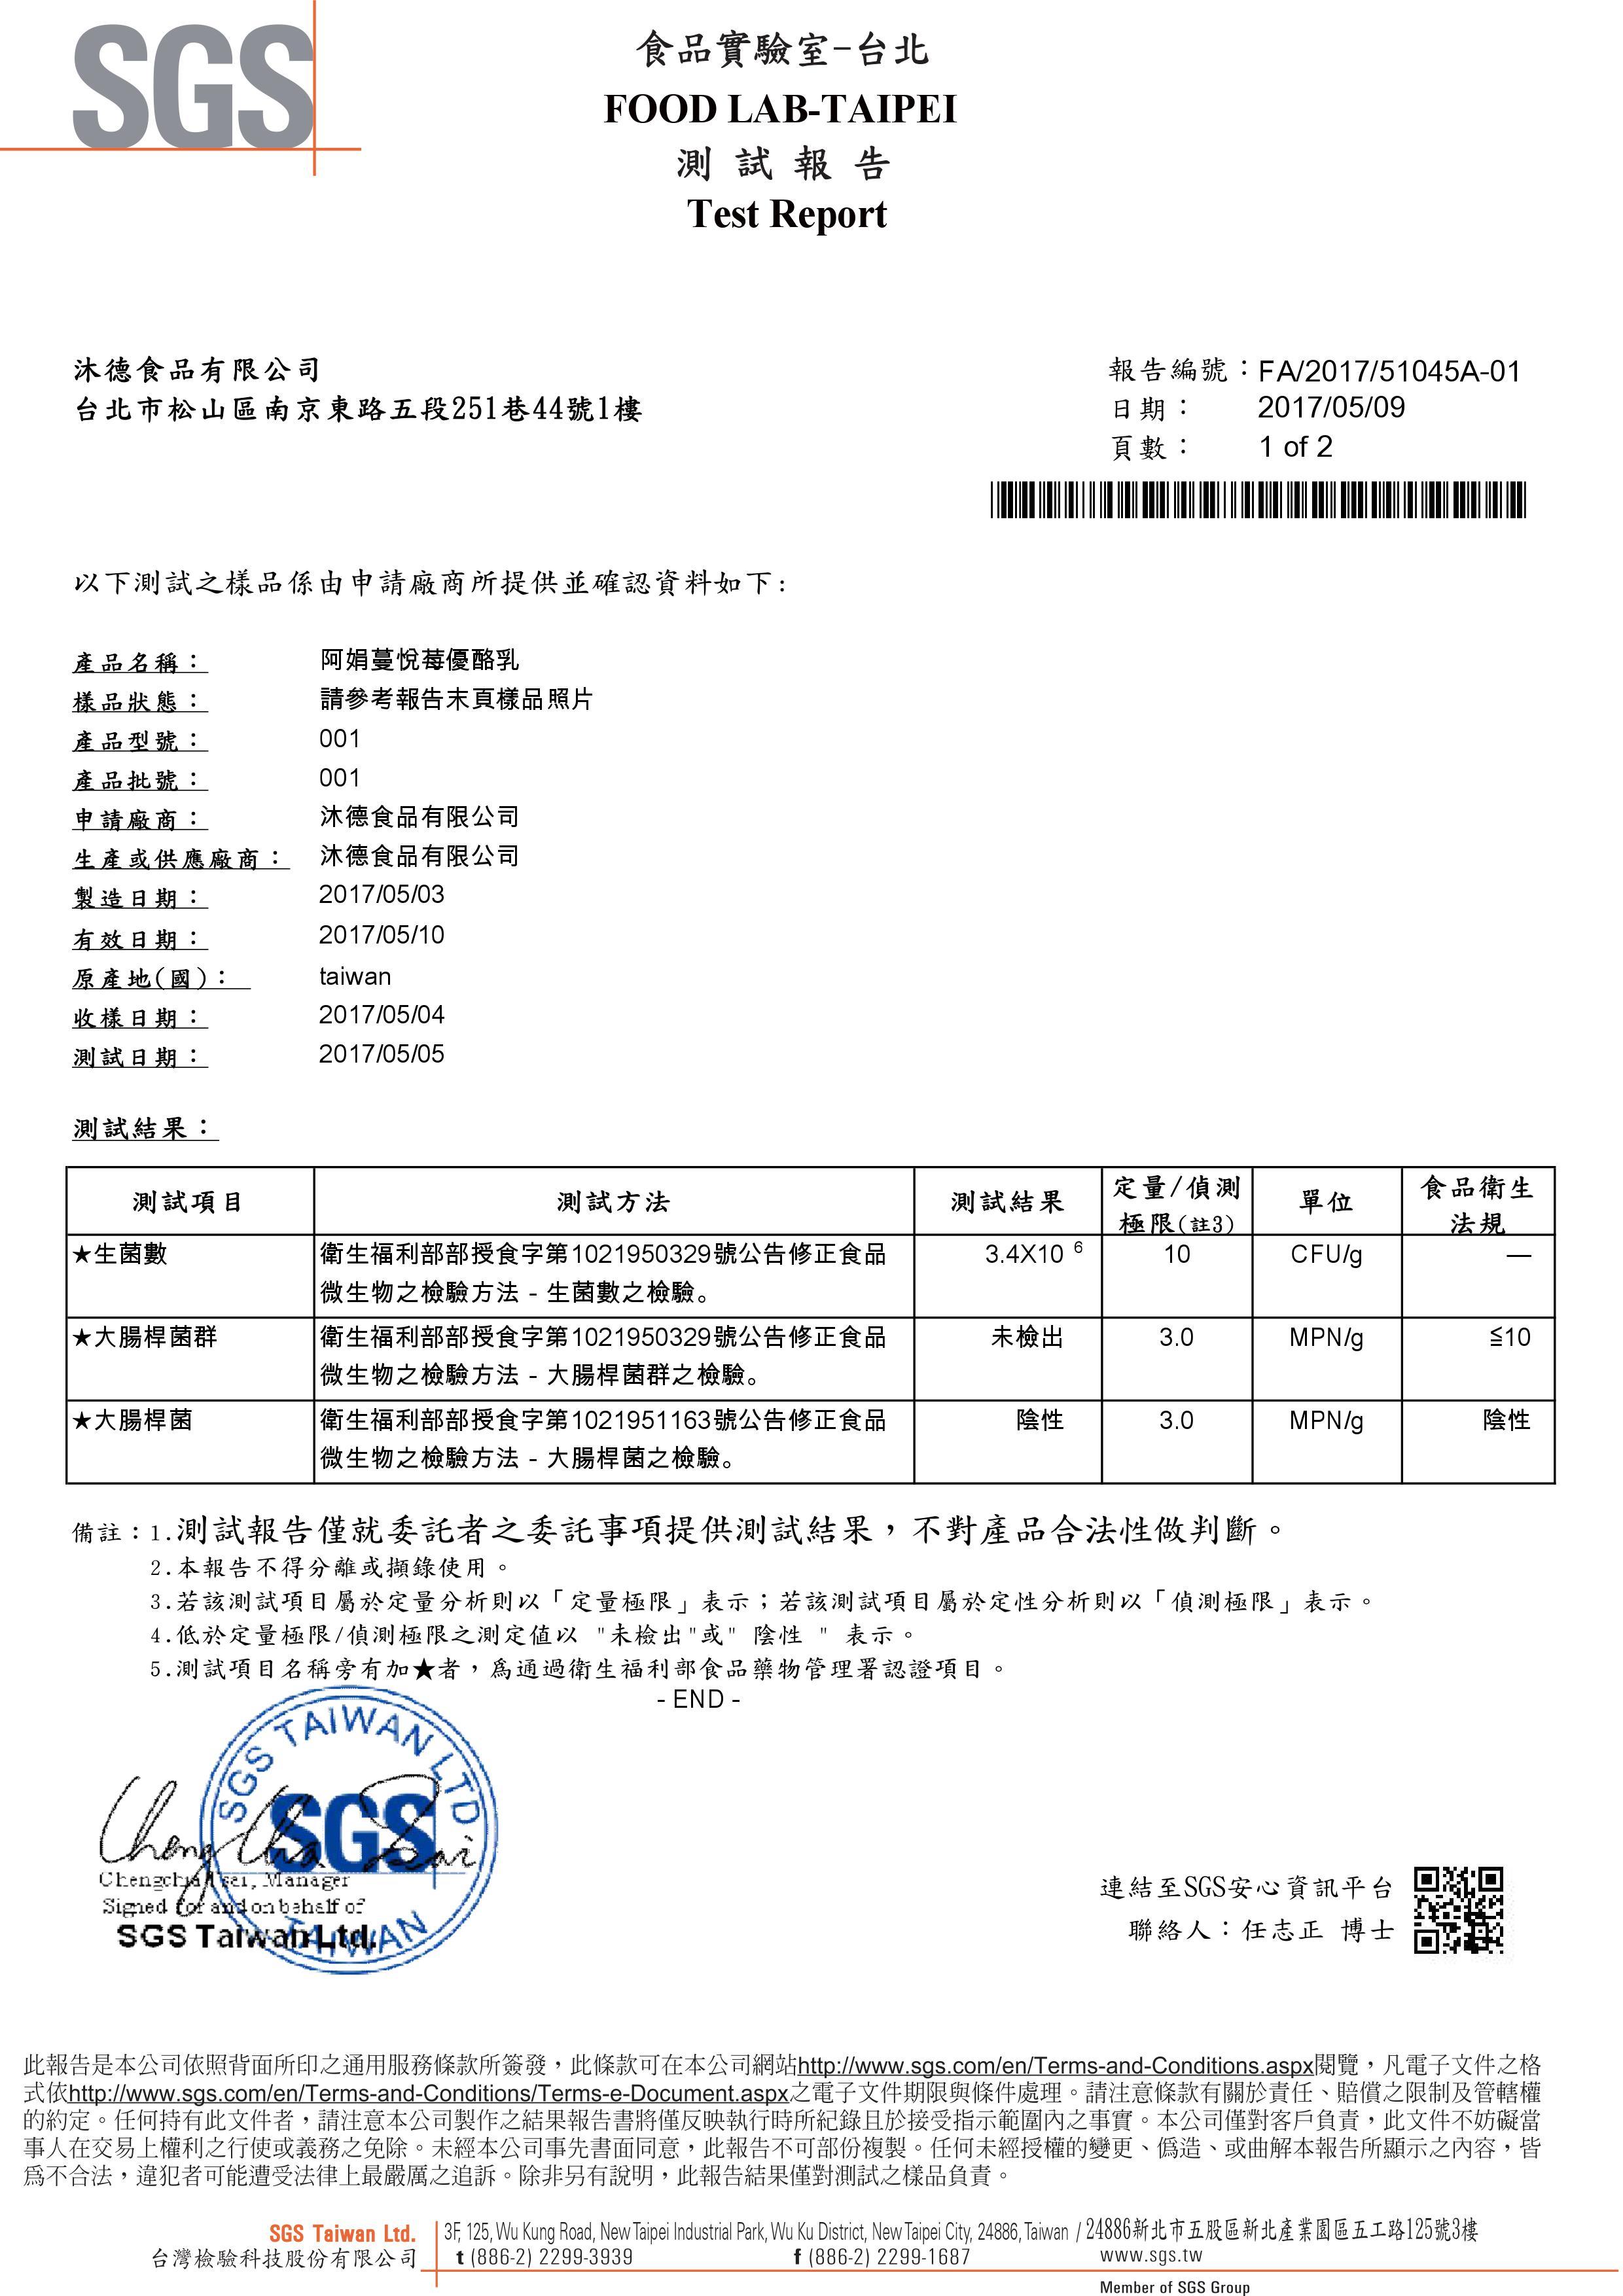 2017蔓越莓大腸桿菌.jpg